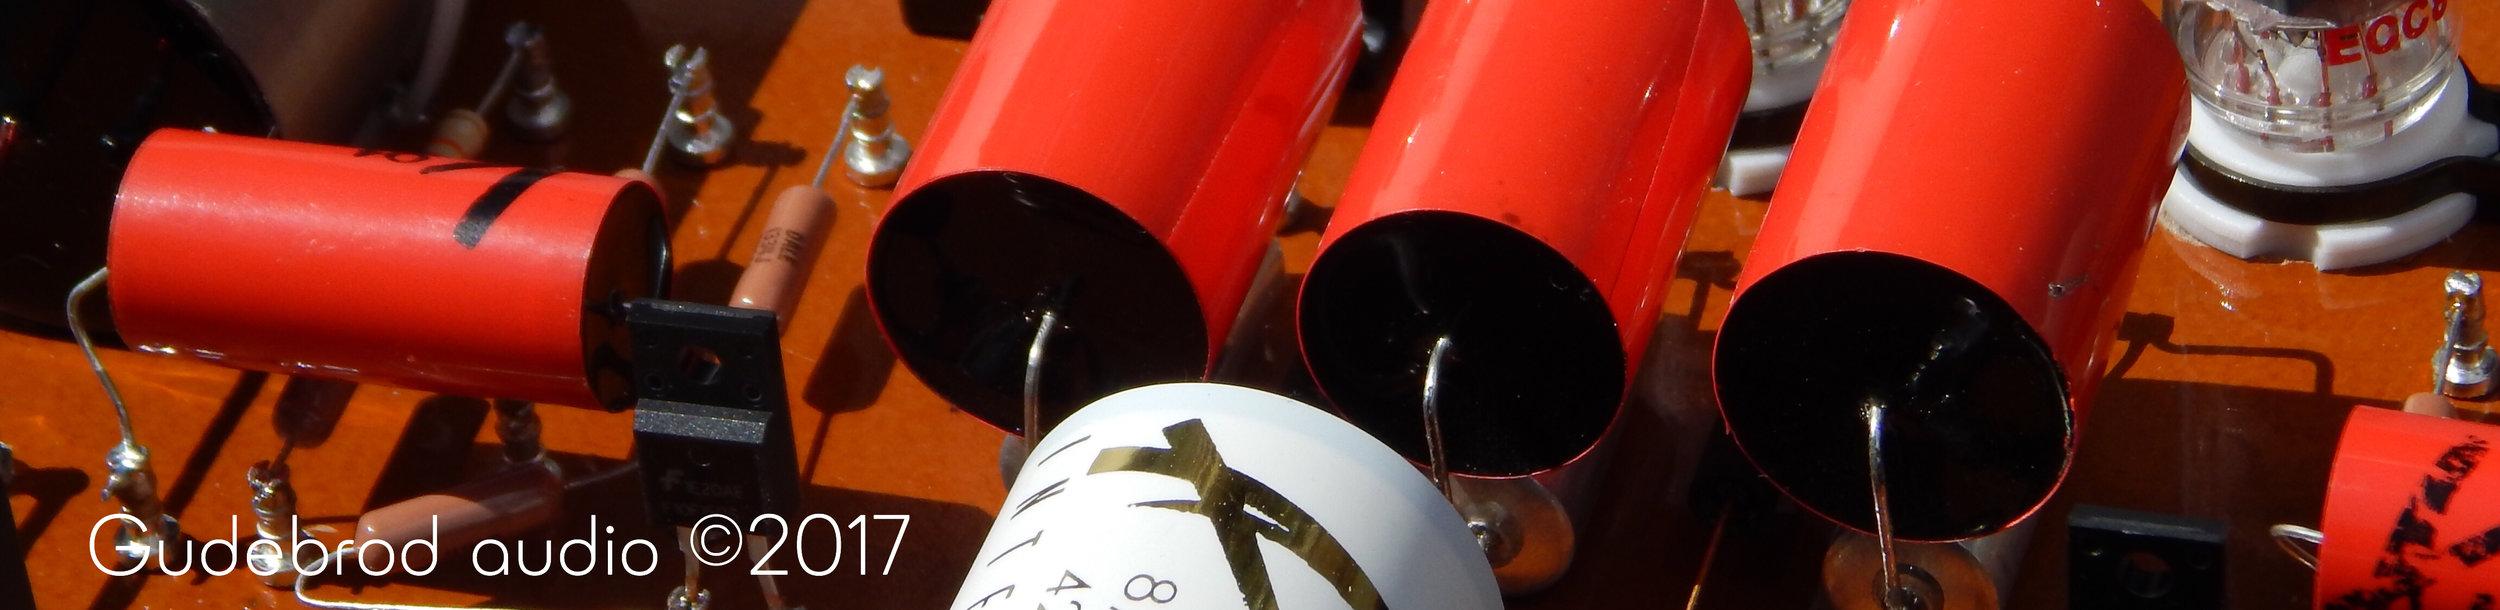 2AE7551F-82A3-4FB5-B9CF-0C9136AB0DD4.jpeg